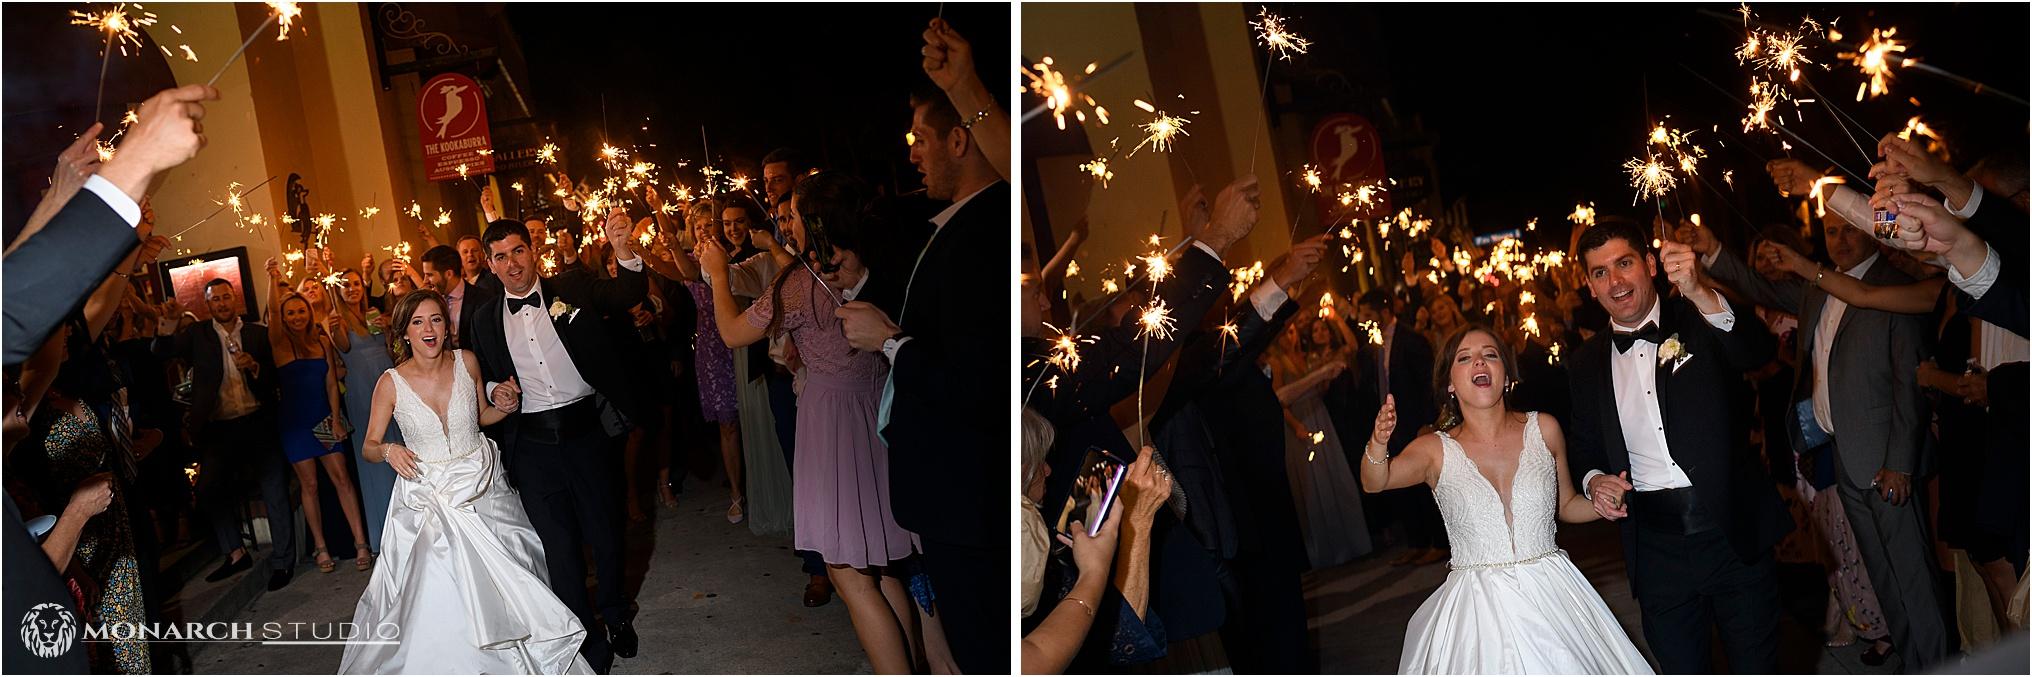 Wedding-PHotographer-in-st-augustine-2019-146.jpg